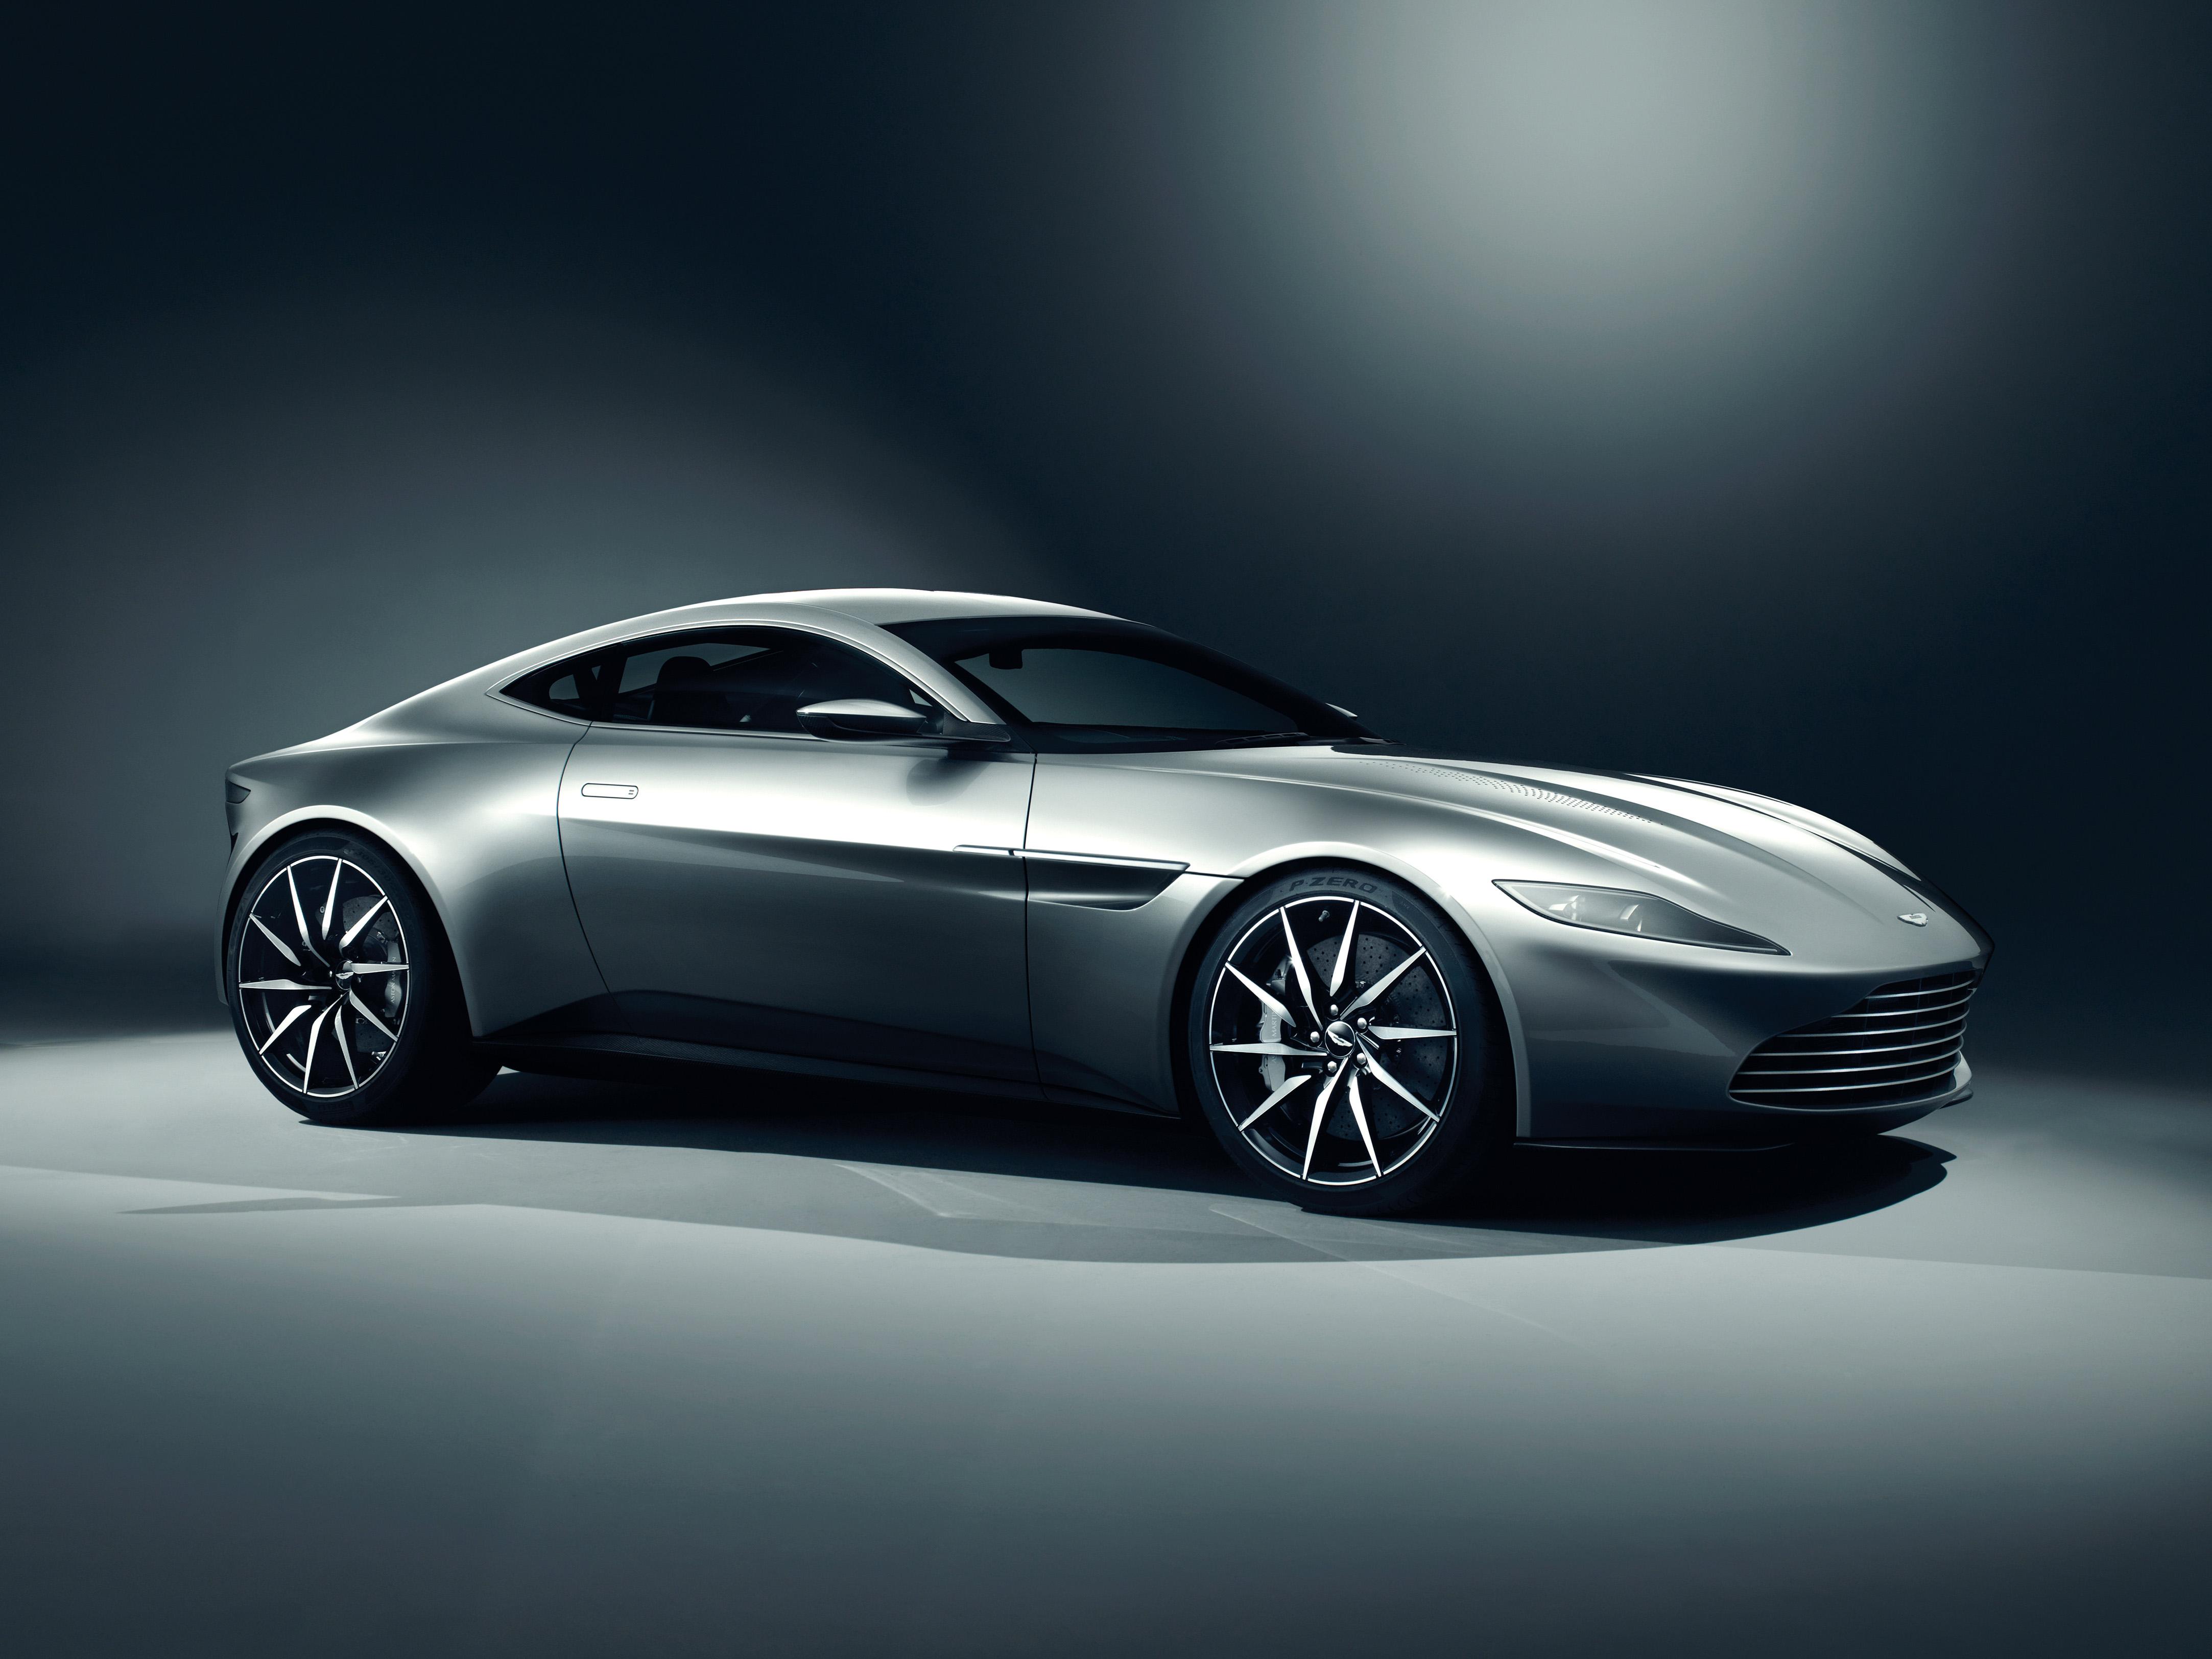 Aston Martin has plans for Singapore